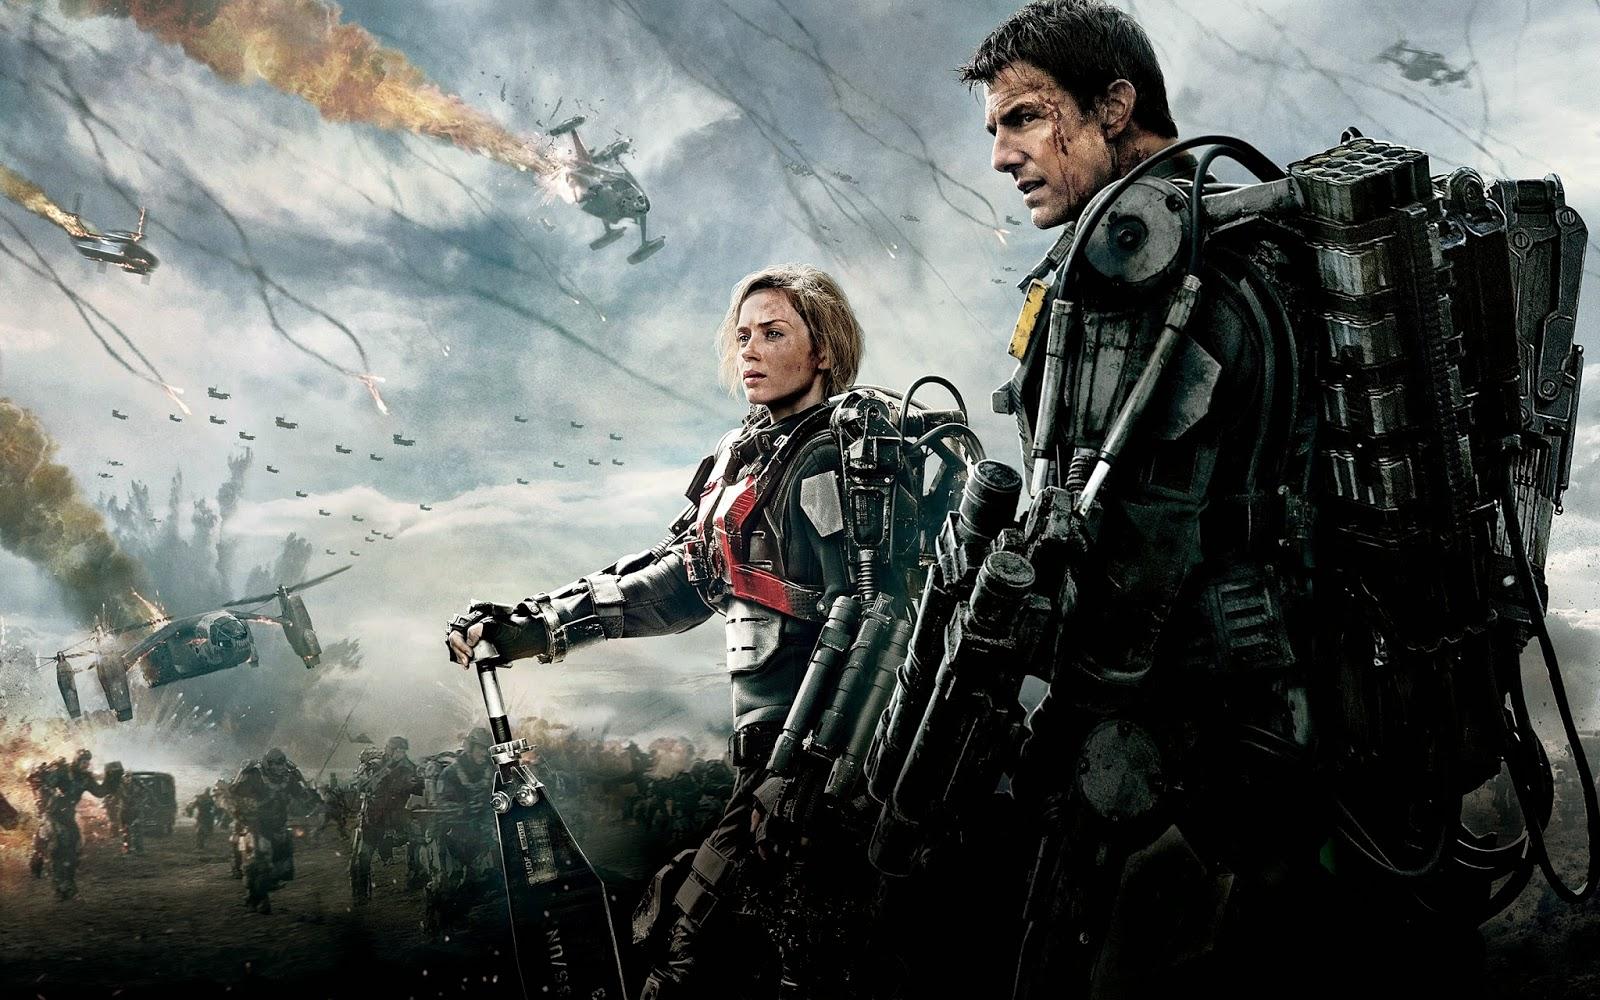 ดูหนัง Edge of Tomorrow - เอดจ์ ออฟ ทูมอร์โรว์  ซูเปอร์นักรบดับทัพอสูร